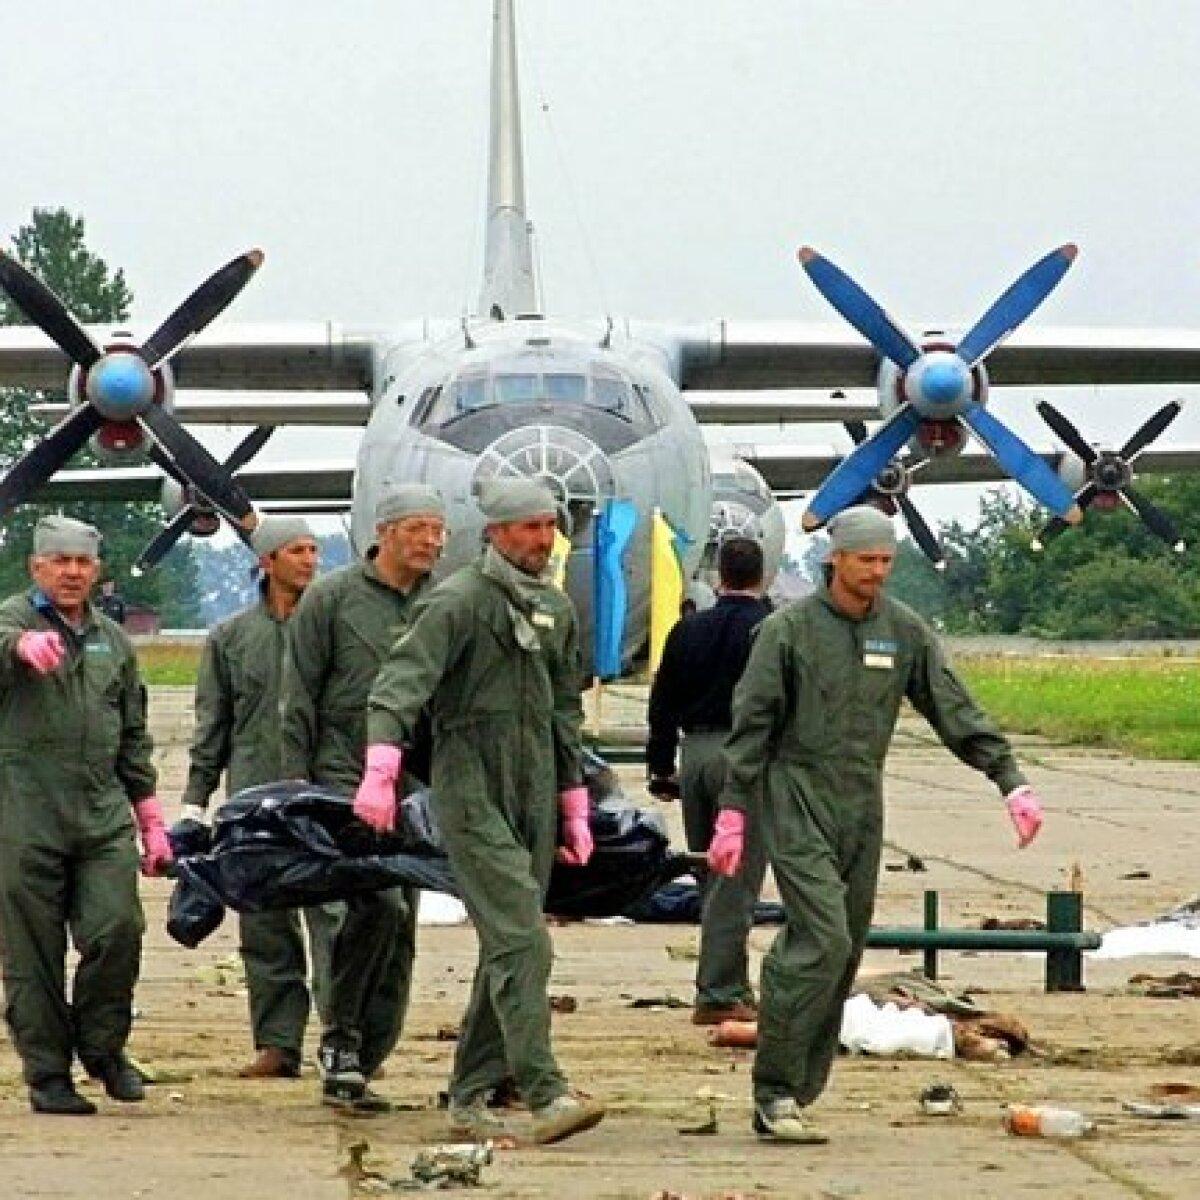 Годовщина Скниловской трагедии: все, что известно о крупнейшей катастрофе в истории авиашоу